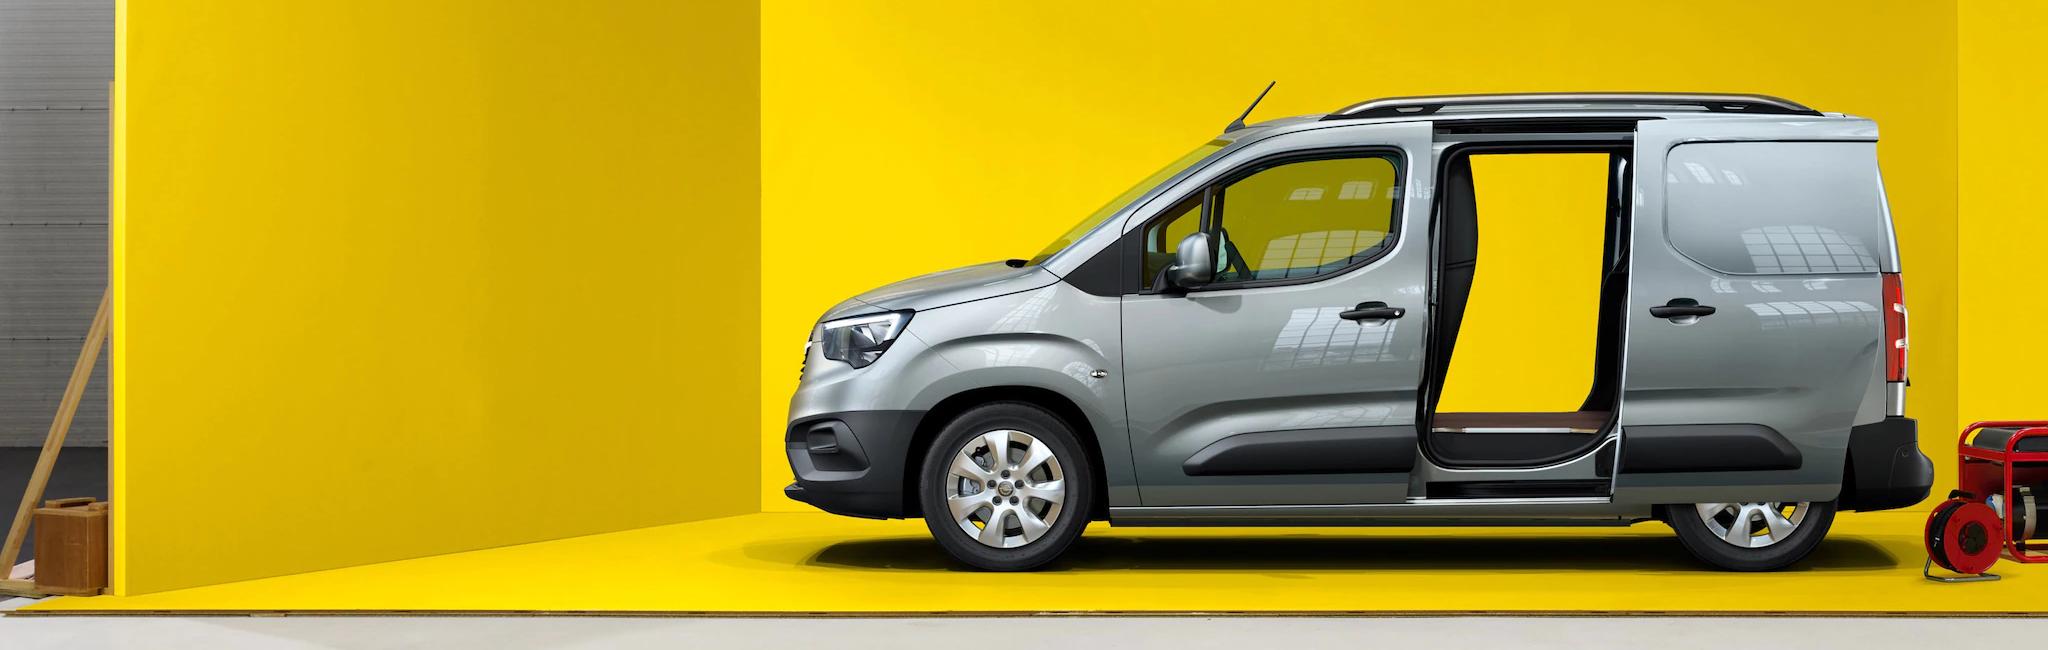 Opel_combo_cargo_exterior_21x9_cmc19_e01_002